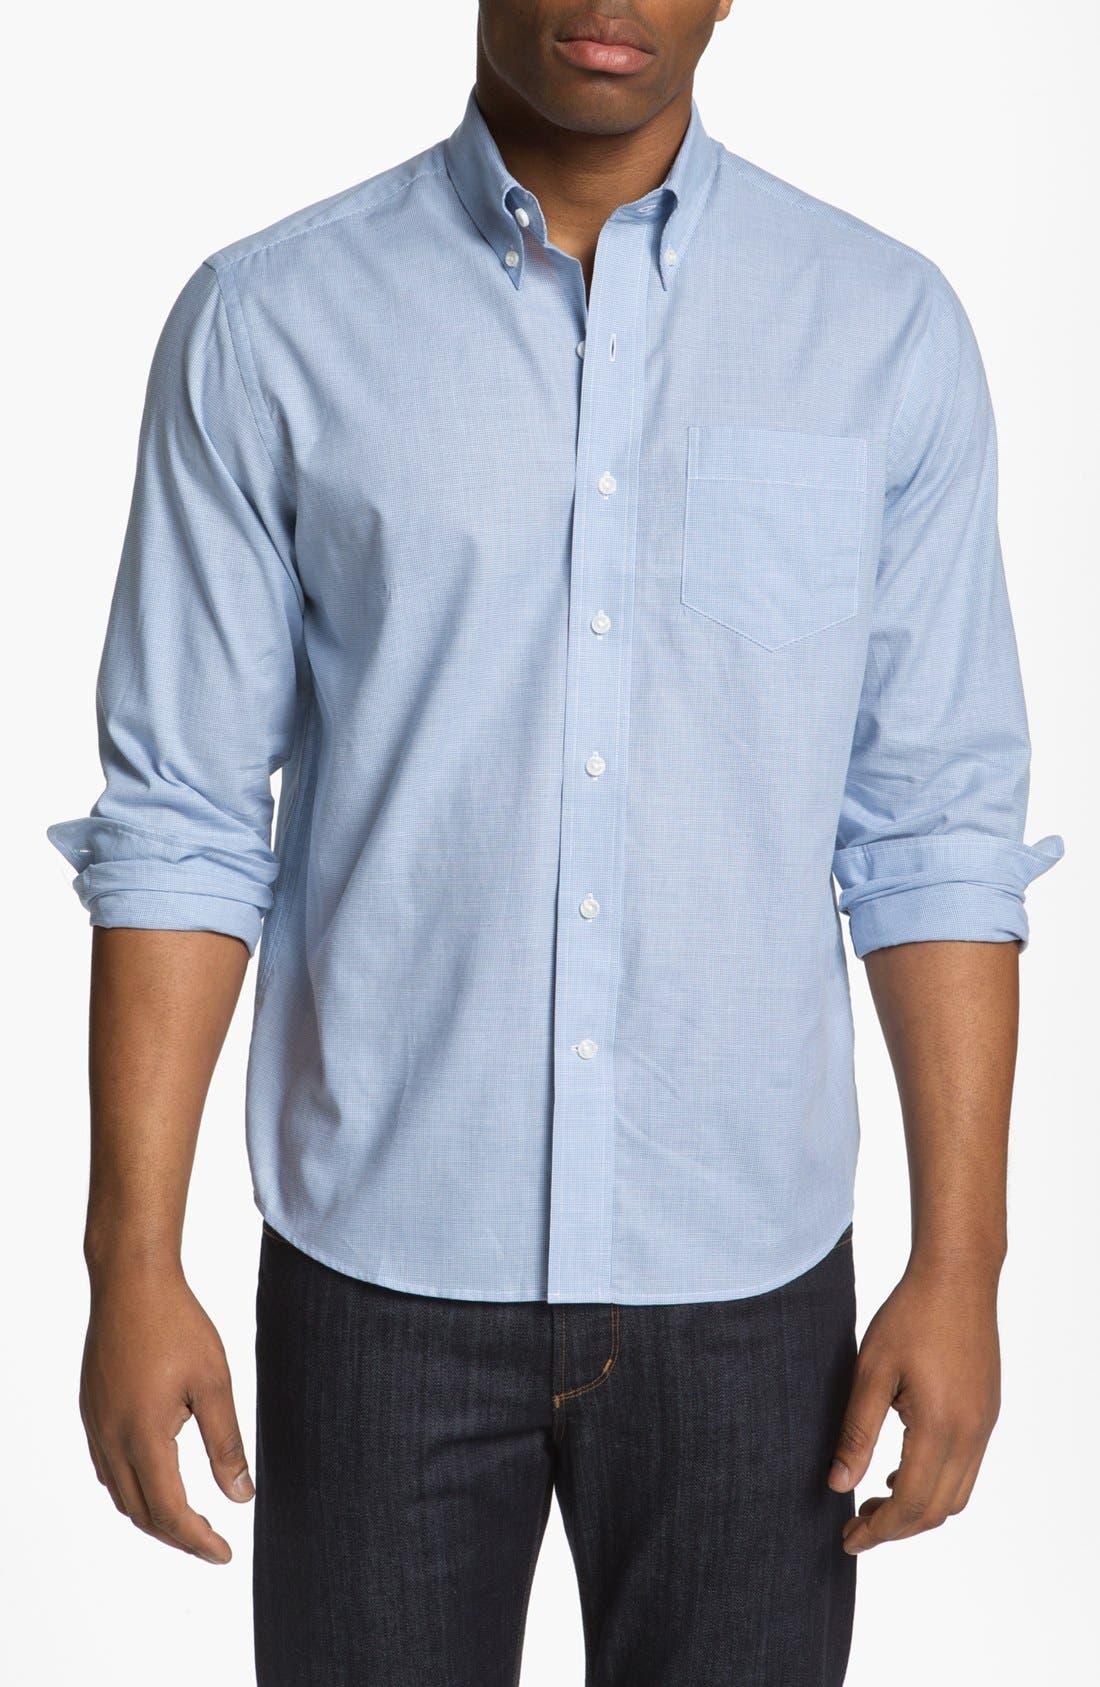 Alternate Image 1 Selected - Cutter & Buck 'Lasell' Regular Fit Sport Shirt (Big & Tall)